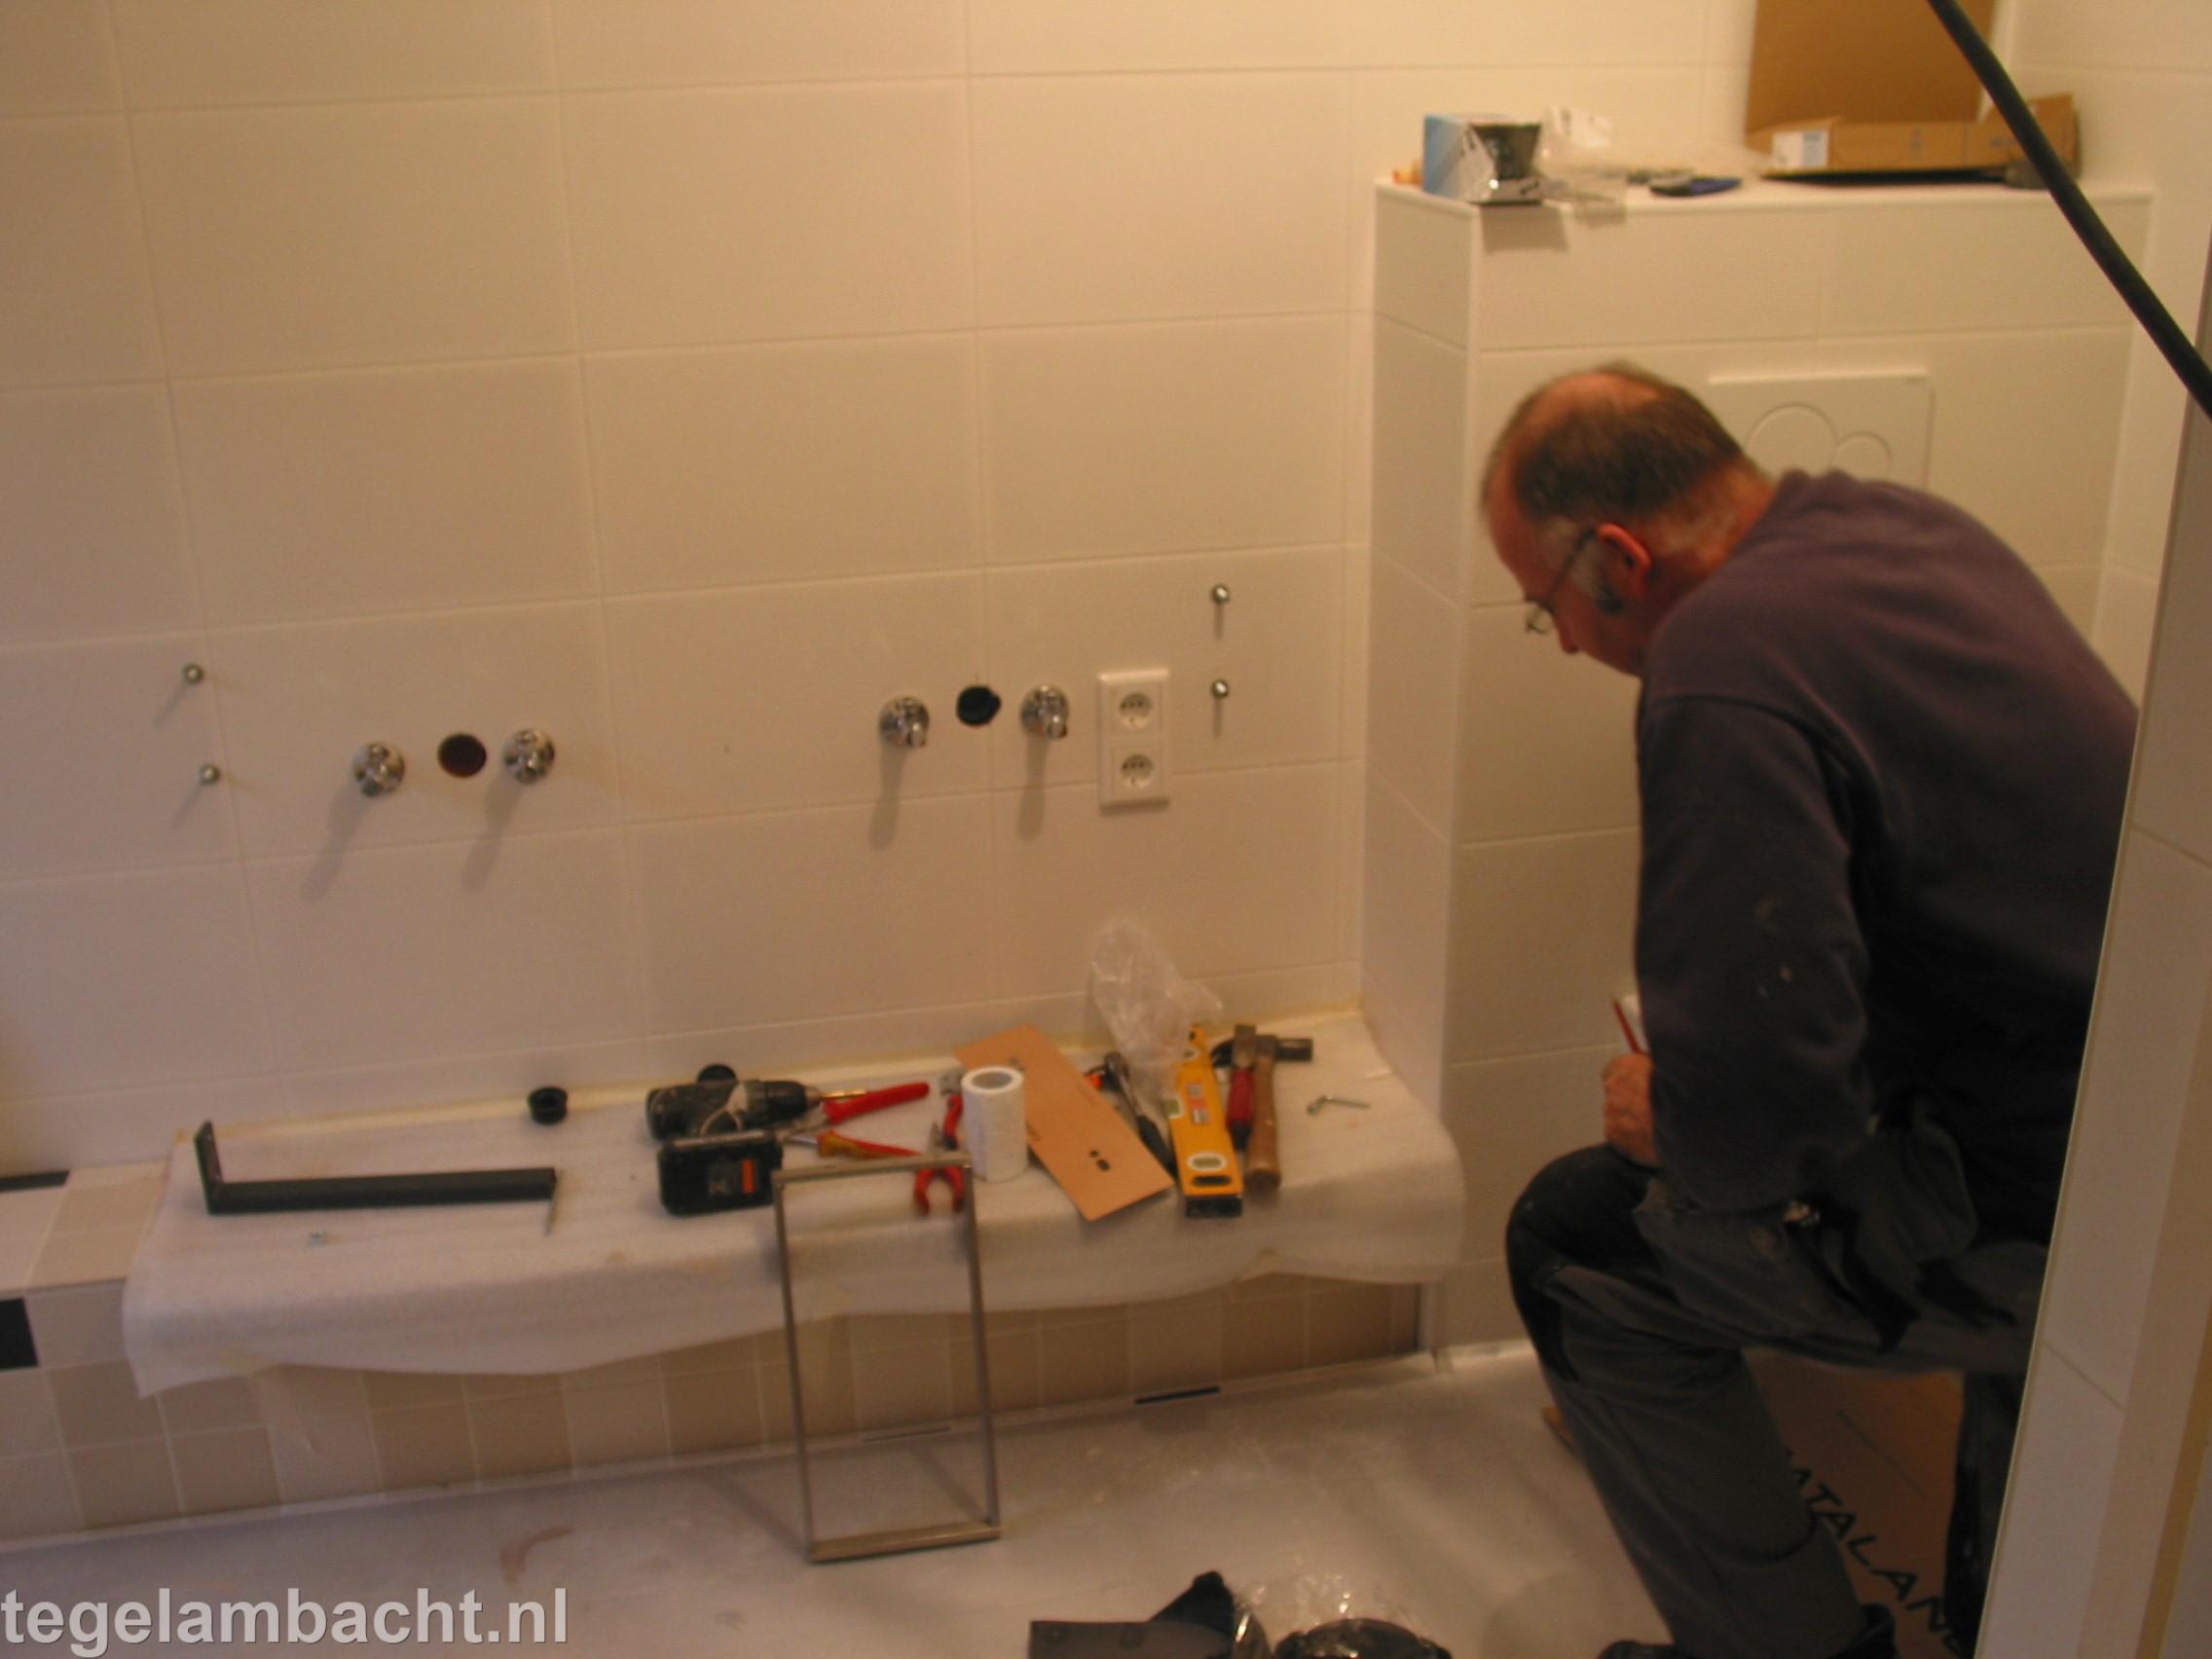 Badkamer Renoveren Kostprijs : Badkamer verbouwen ermelo tegel ambacht helpt u vakkundig